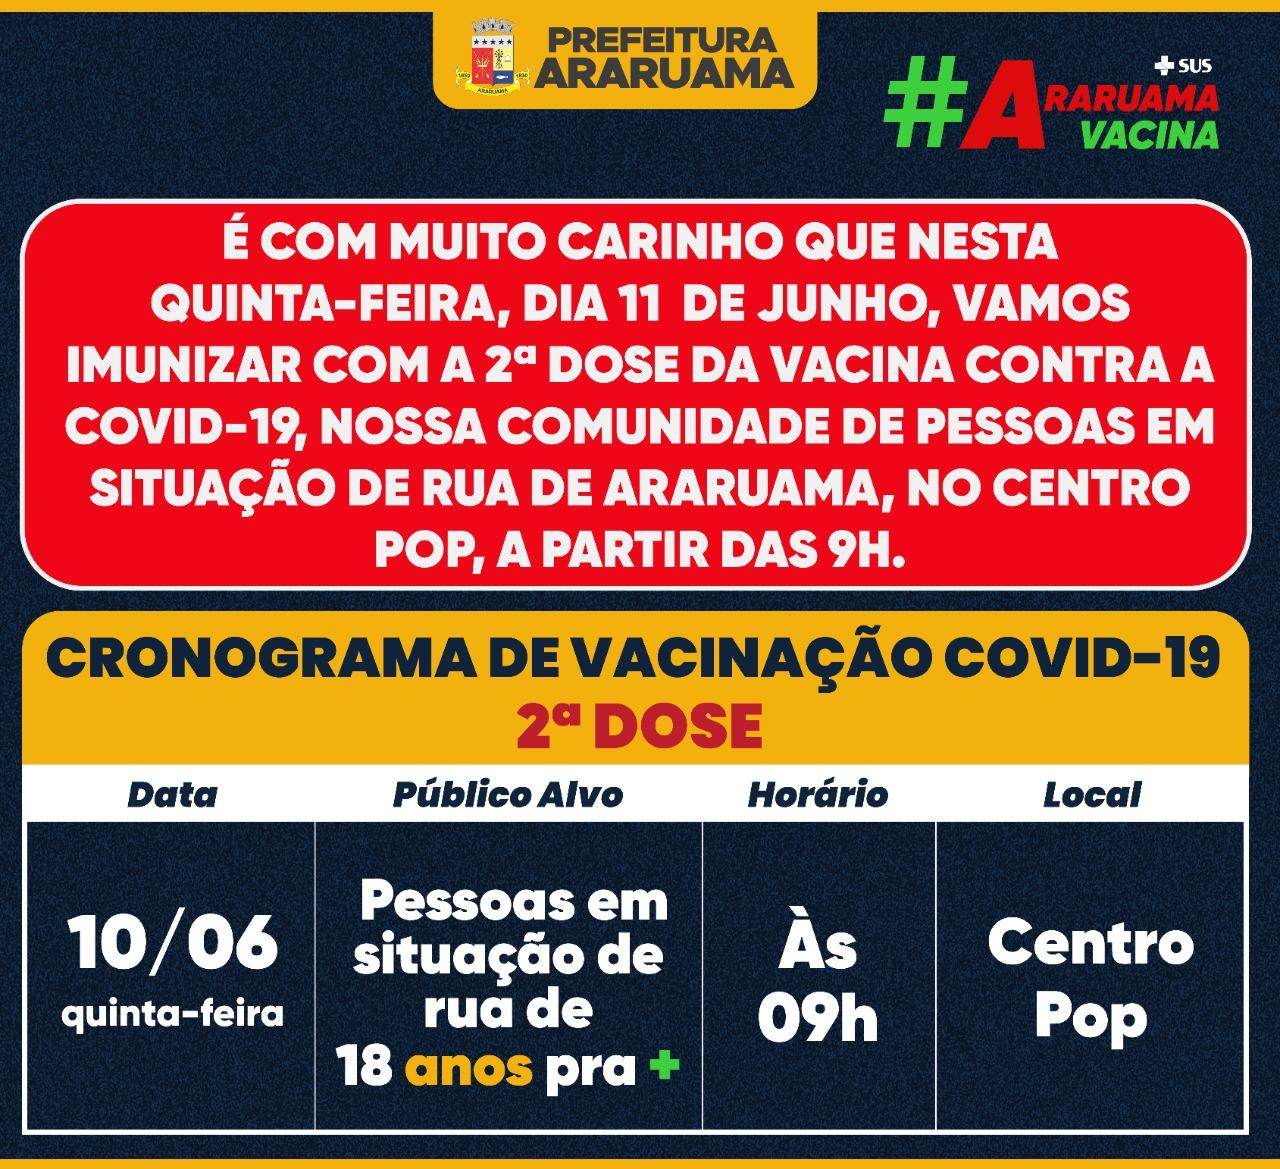 """Prefeitura de Araruama prepara logística para vacinar com a segunda dose a comunidade de pessoas em situação de rua"""", nesta quinta-feira"""